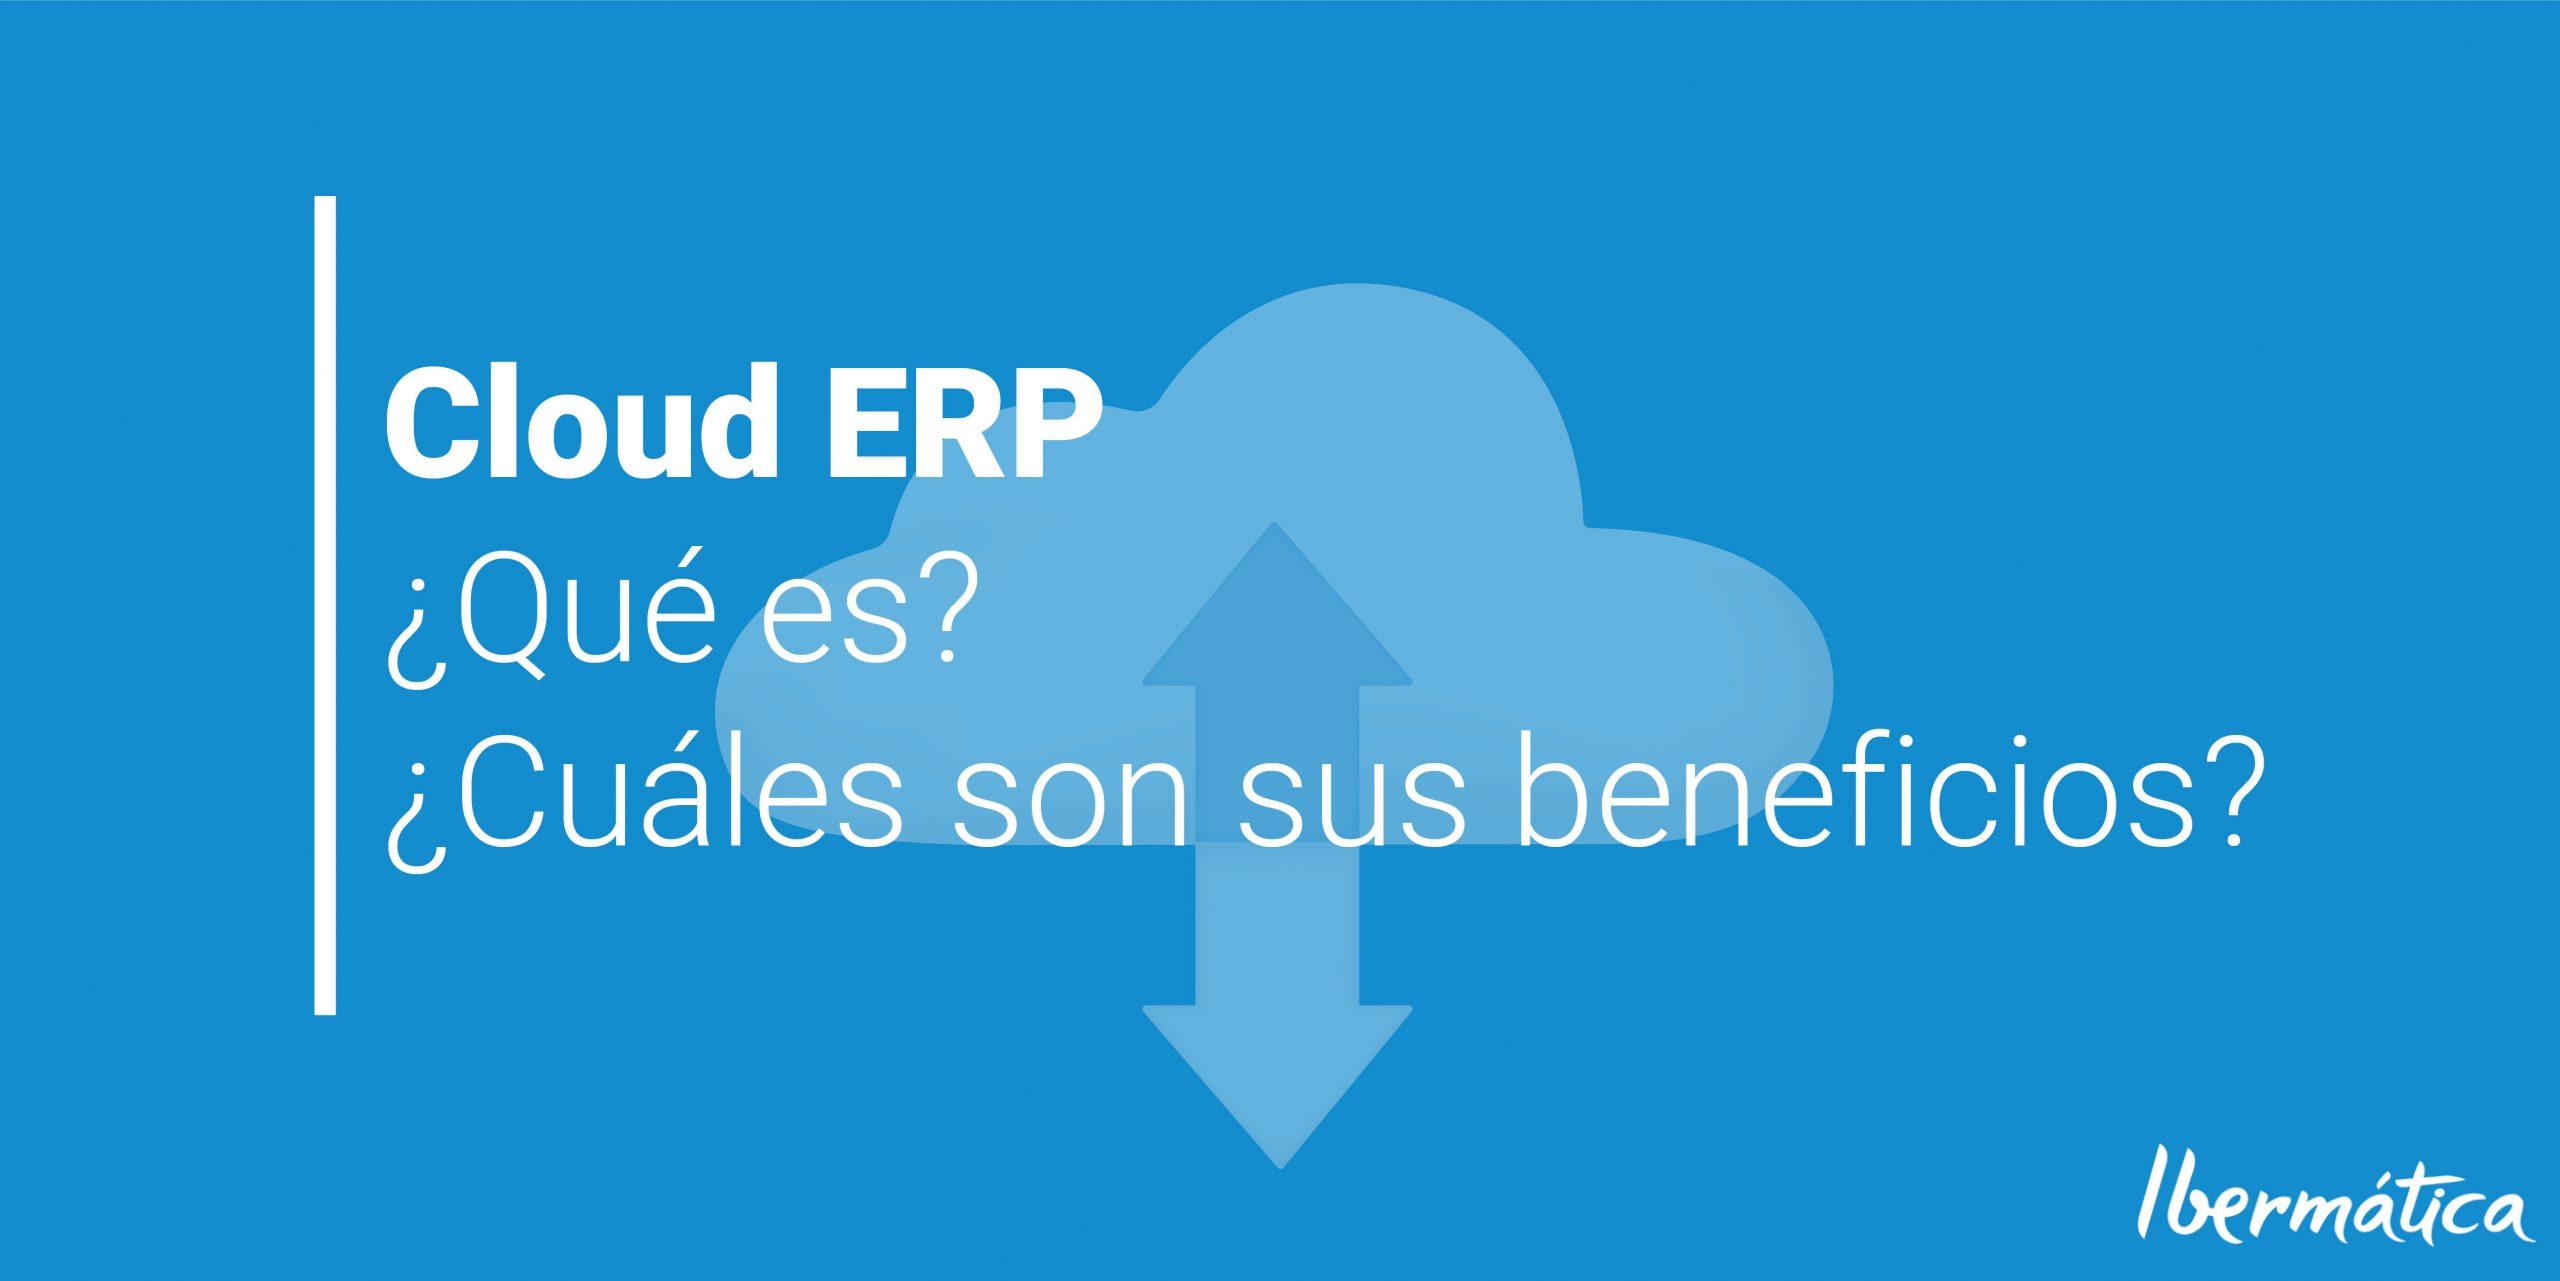 Cloud ERP: ¿Qué es? ¿Qué tecnología usa? ¿Cuáles son los beneficios de tener los datos en la nube?